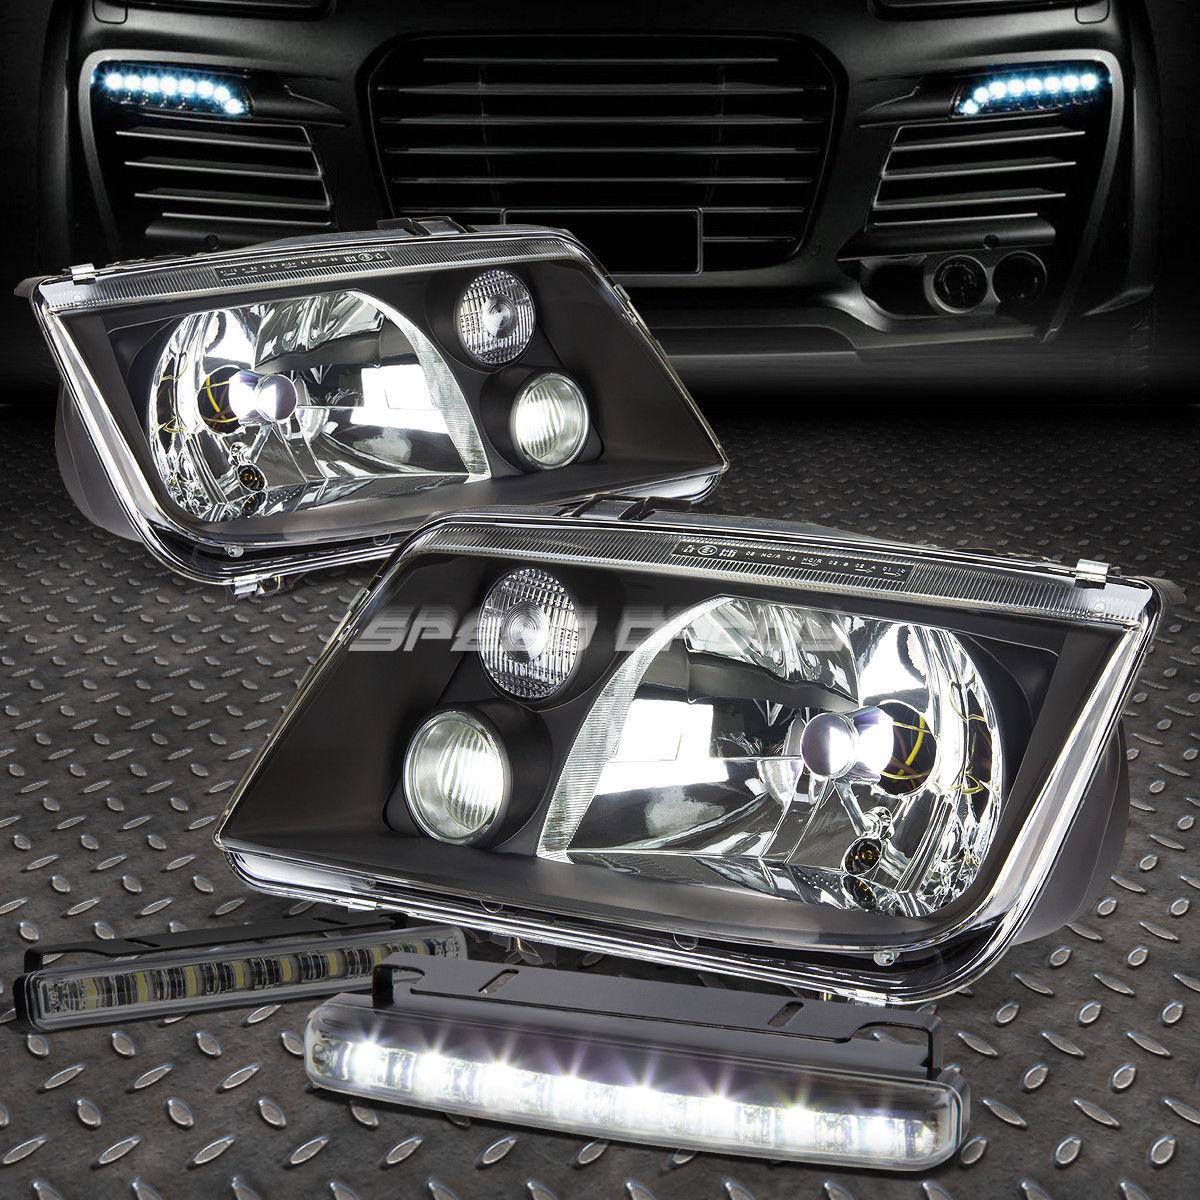 フォグライト BLACK HOUSING HEADLIGHT LAMP+8 LED SMOKE FOG LIGHT FOR 99-05 VW JETTA/BORA BLACK HOUSING HEADLIGHT LAMP + JETTA / BORA 99-05 VWのための8つのLED SMOKE FOGライト